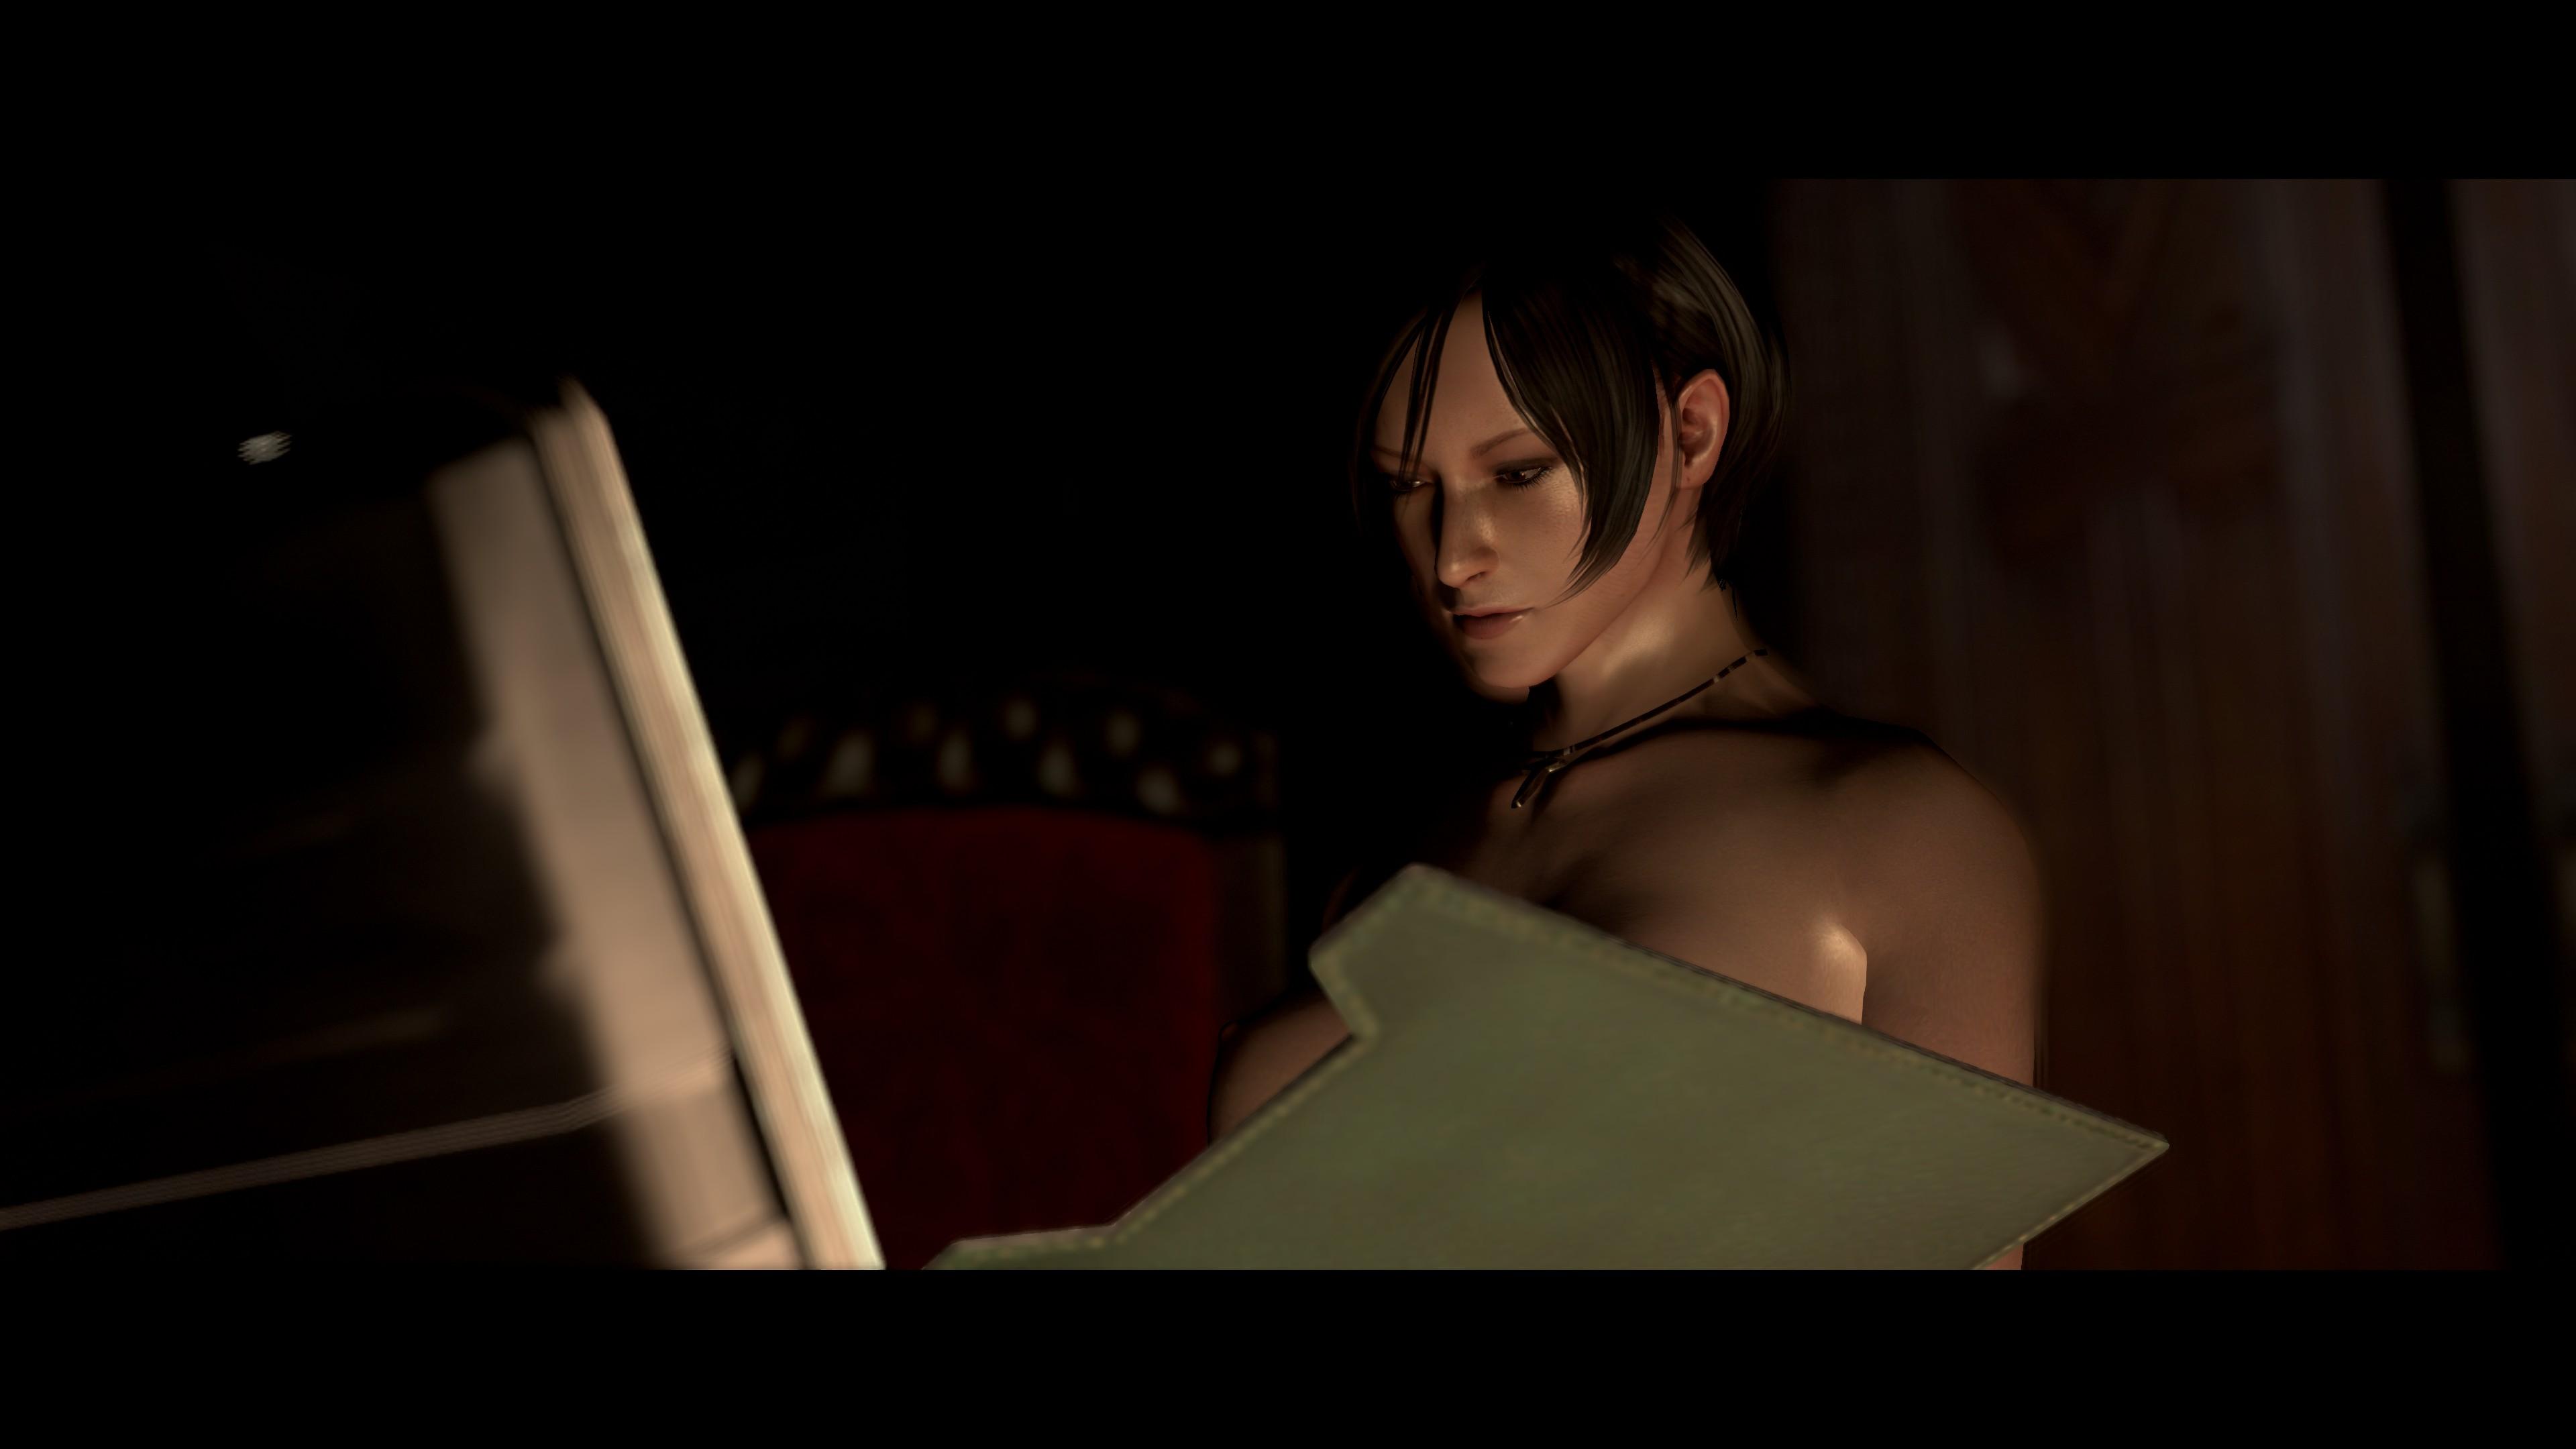 Ada - Resident Evil 6